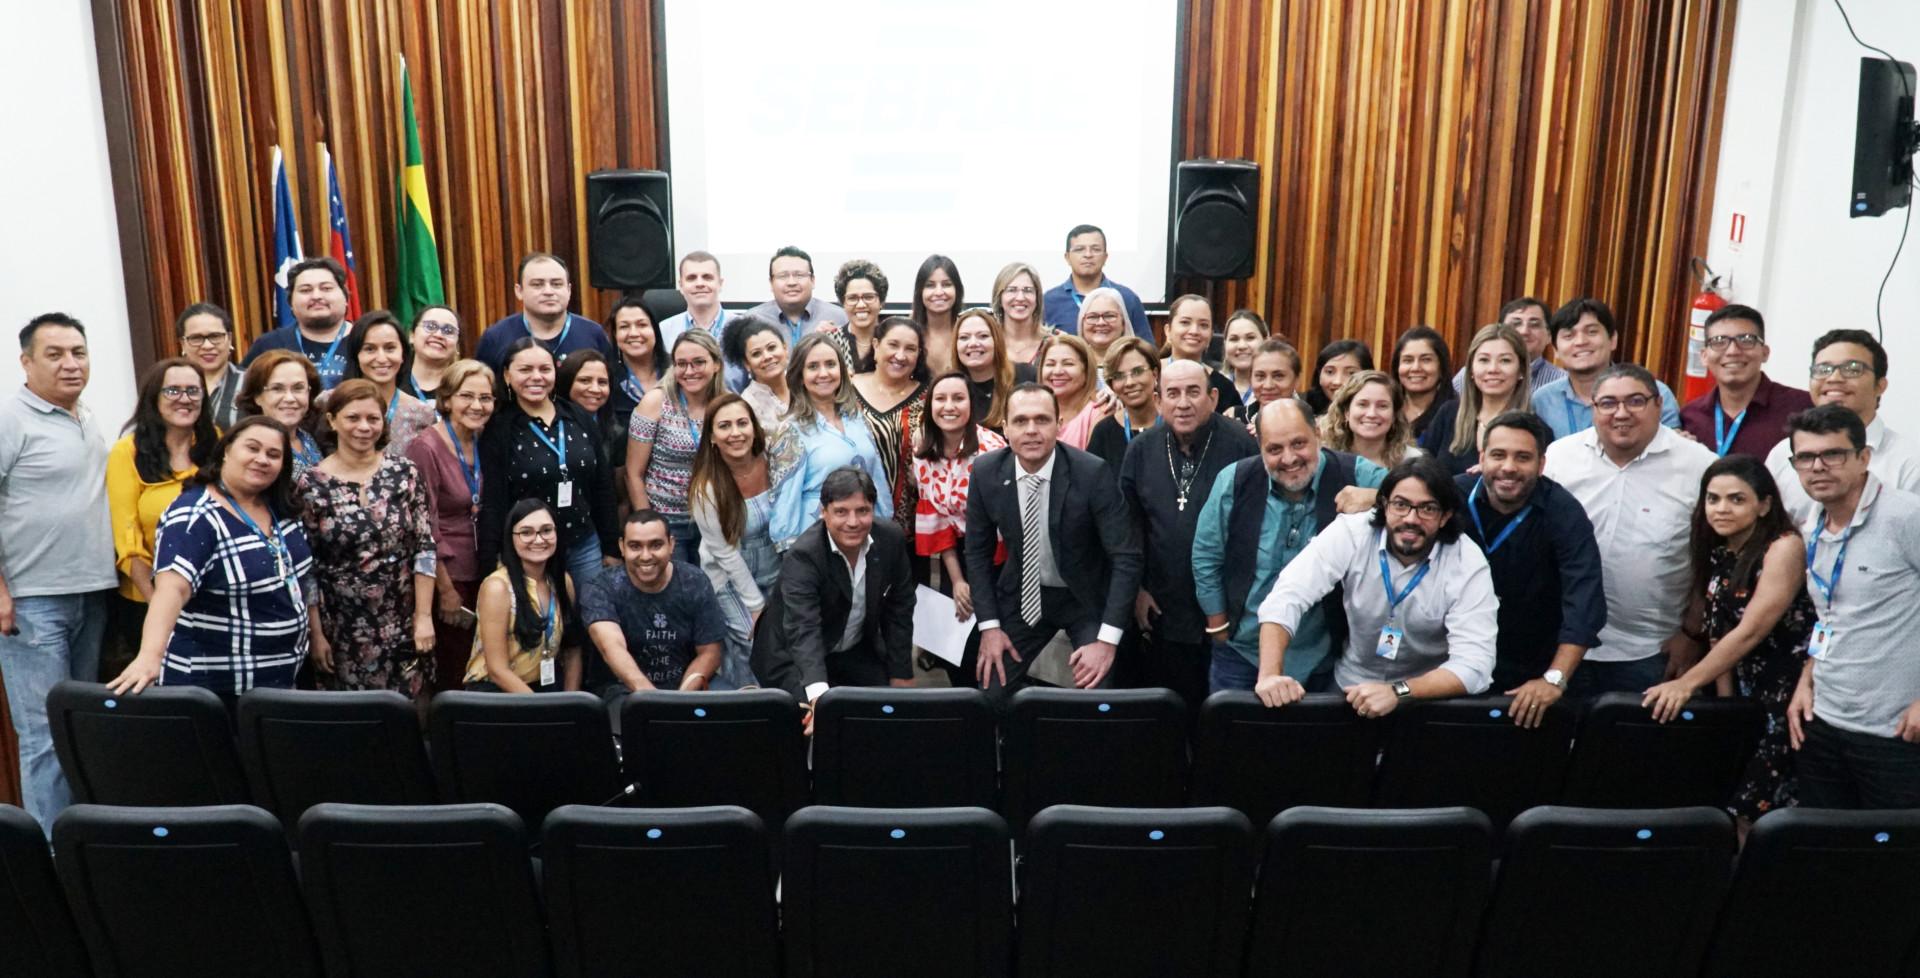 Plenária: Debate aberto com os colaboradores do Sebrae AM